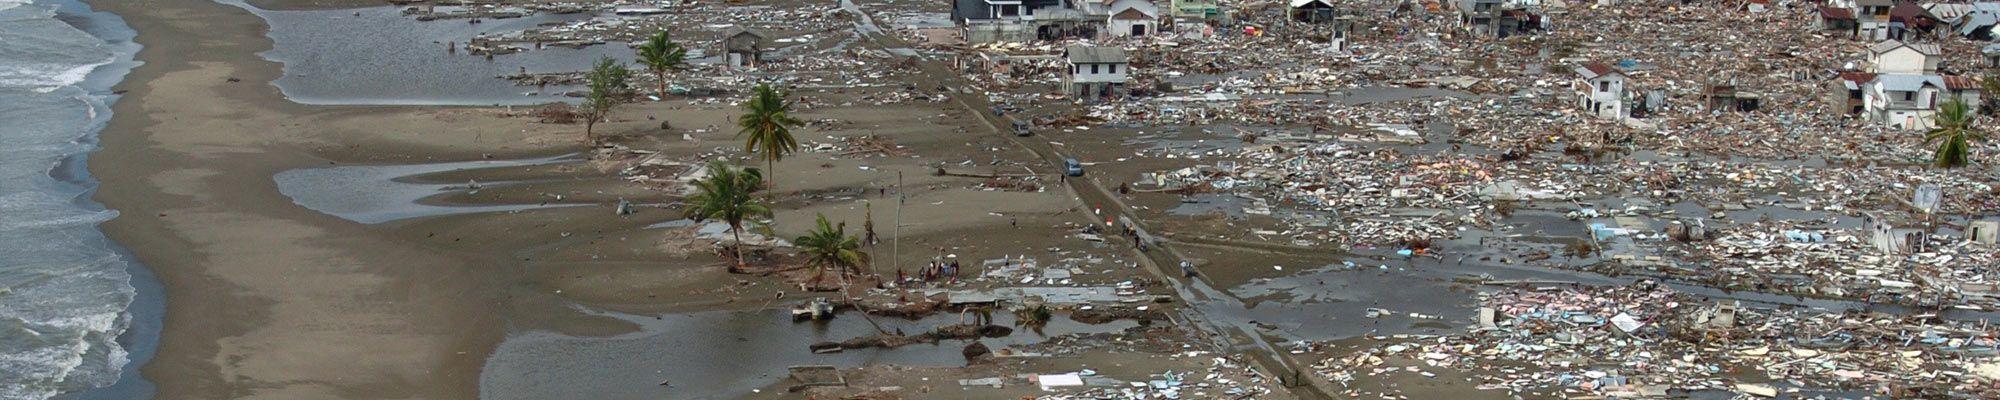 Aviso tsunamis Sistemas autónomos de monitorización y aviso